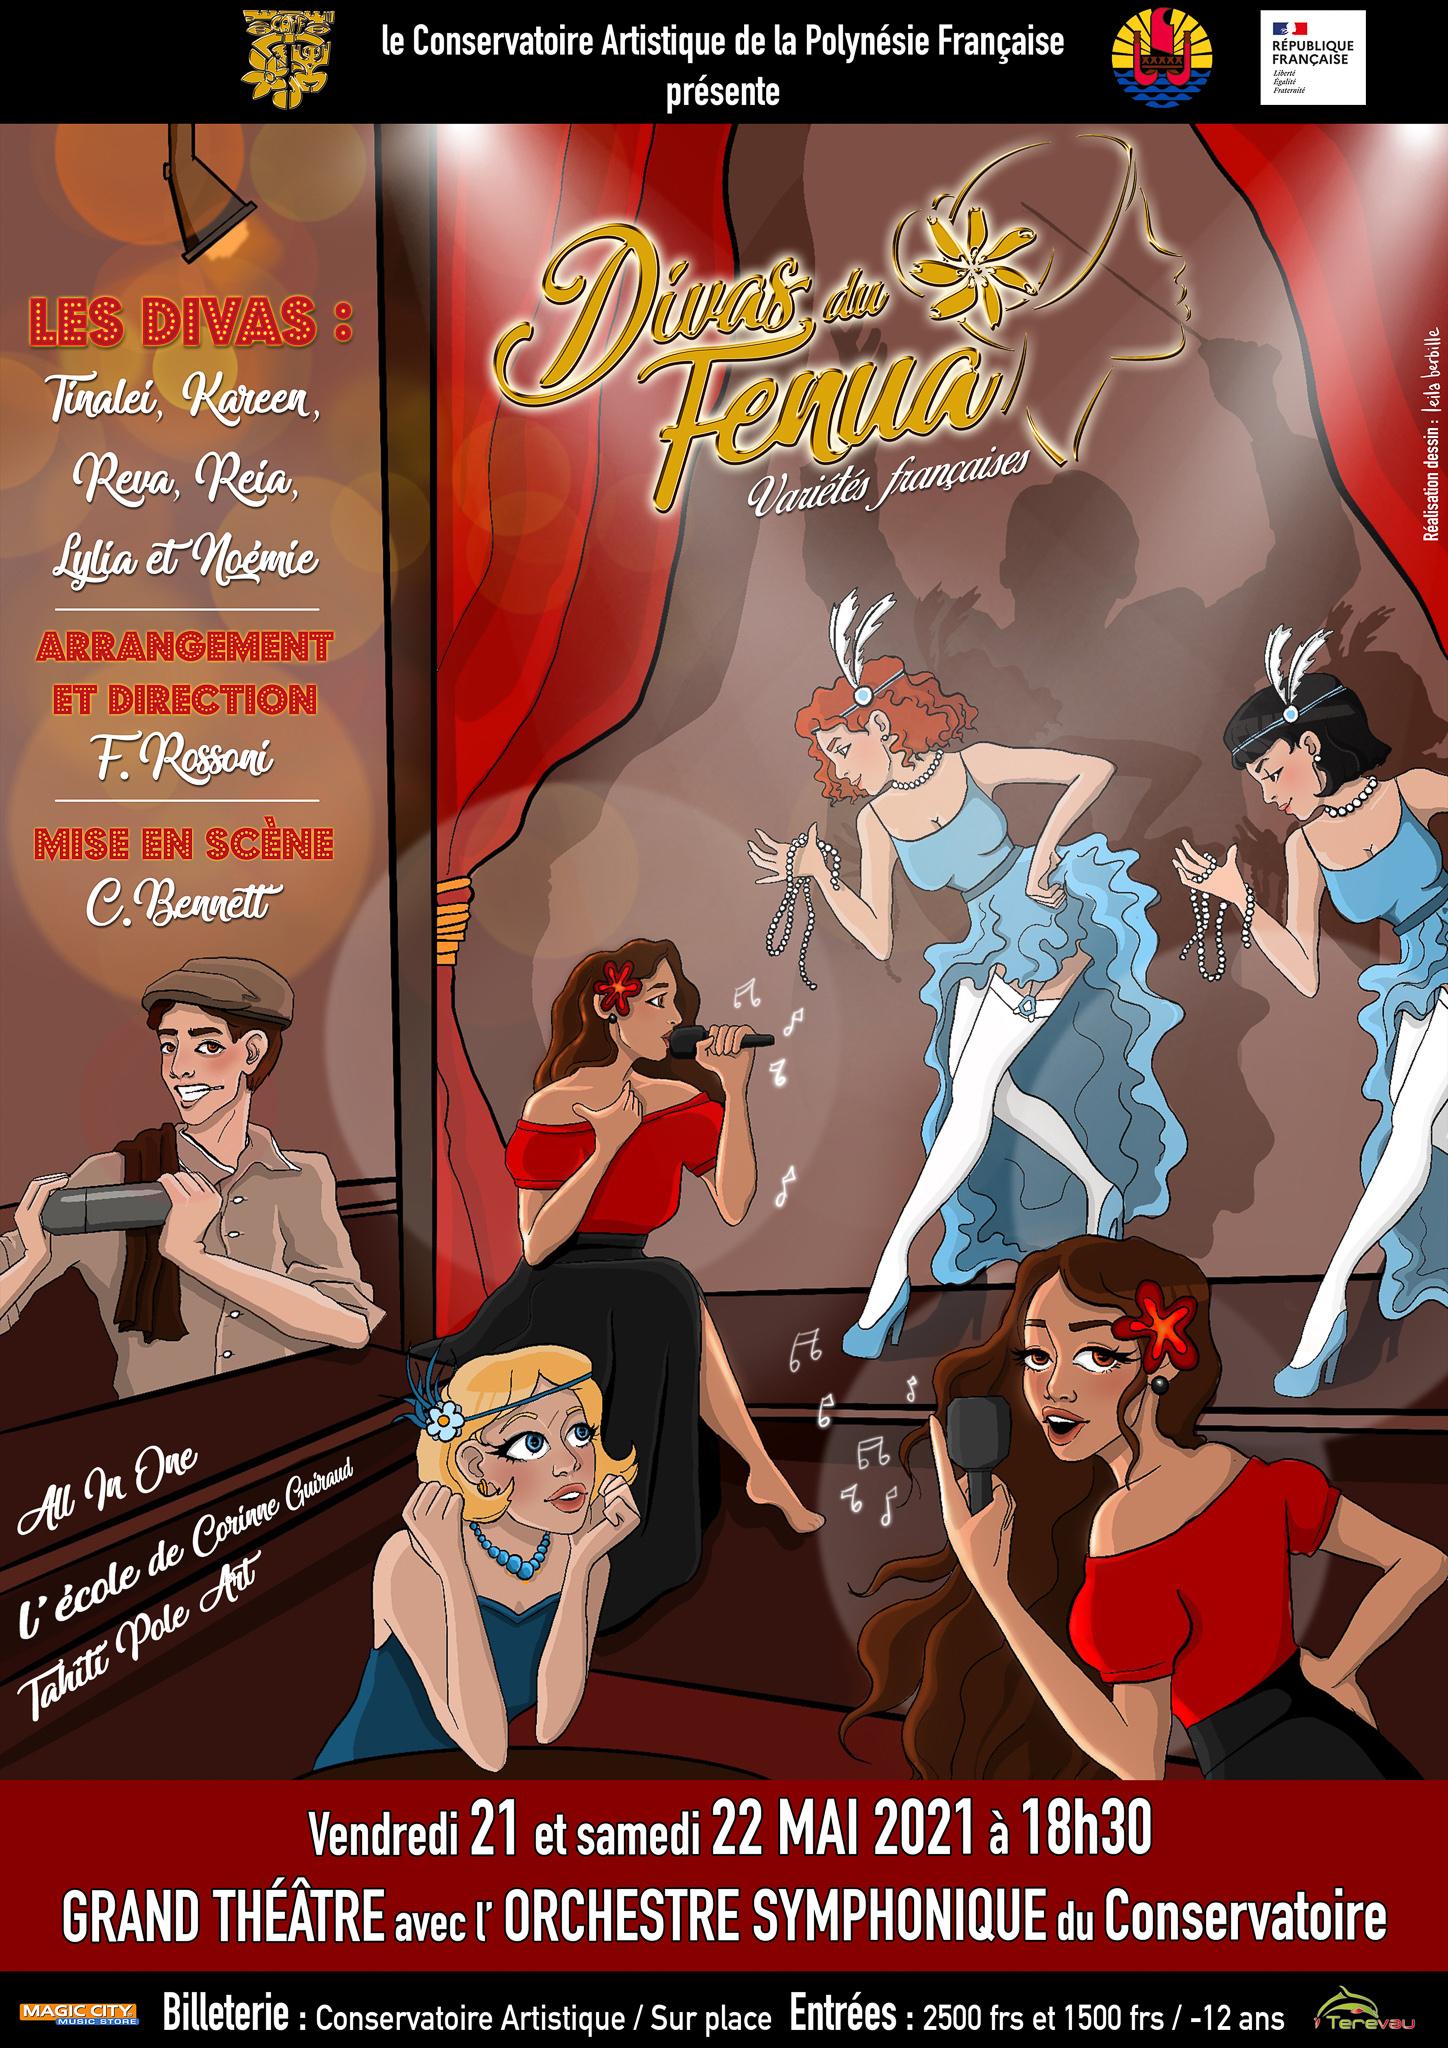 """""""Les Divas du fenua"""" donnent de la voix"""